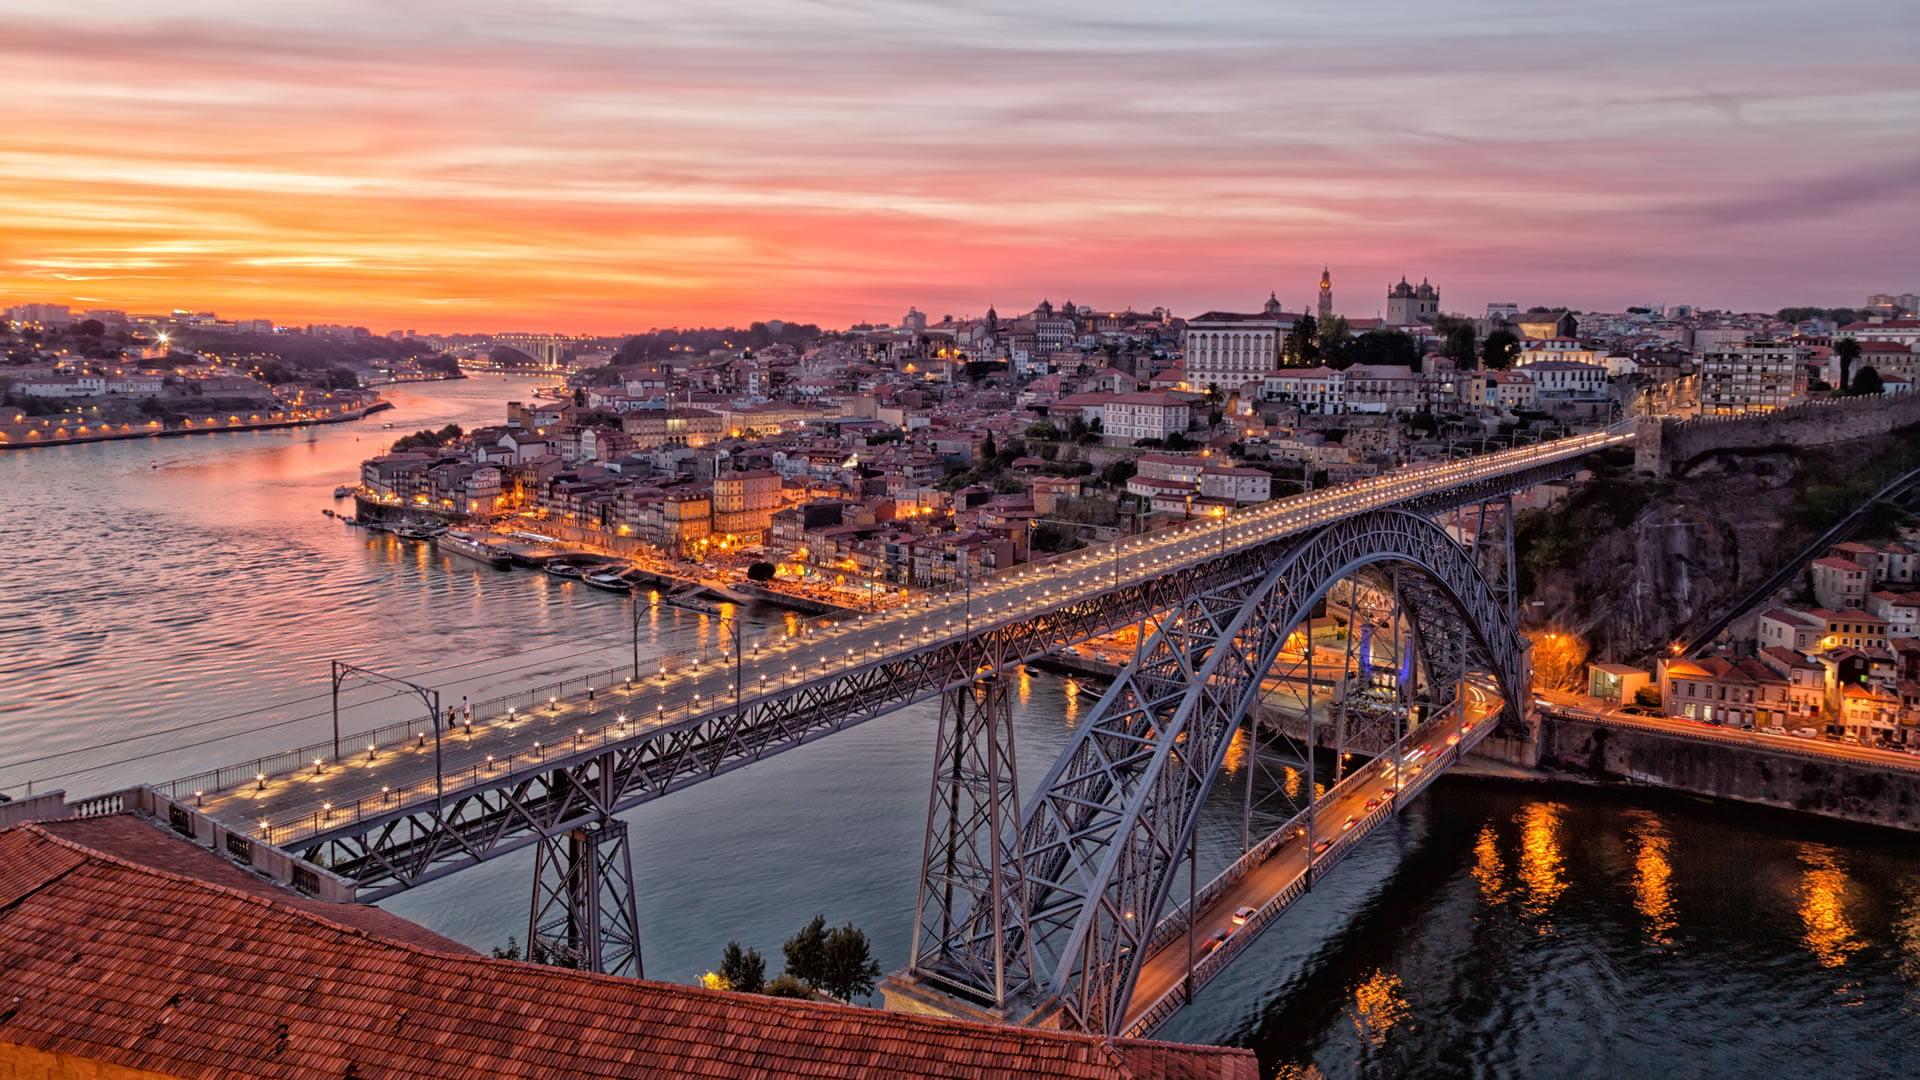 www.viajejet.com/wp-content/viajes/Puente-de-Luis-I-Oporto-Portugal.jpg